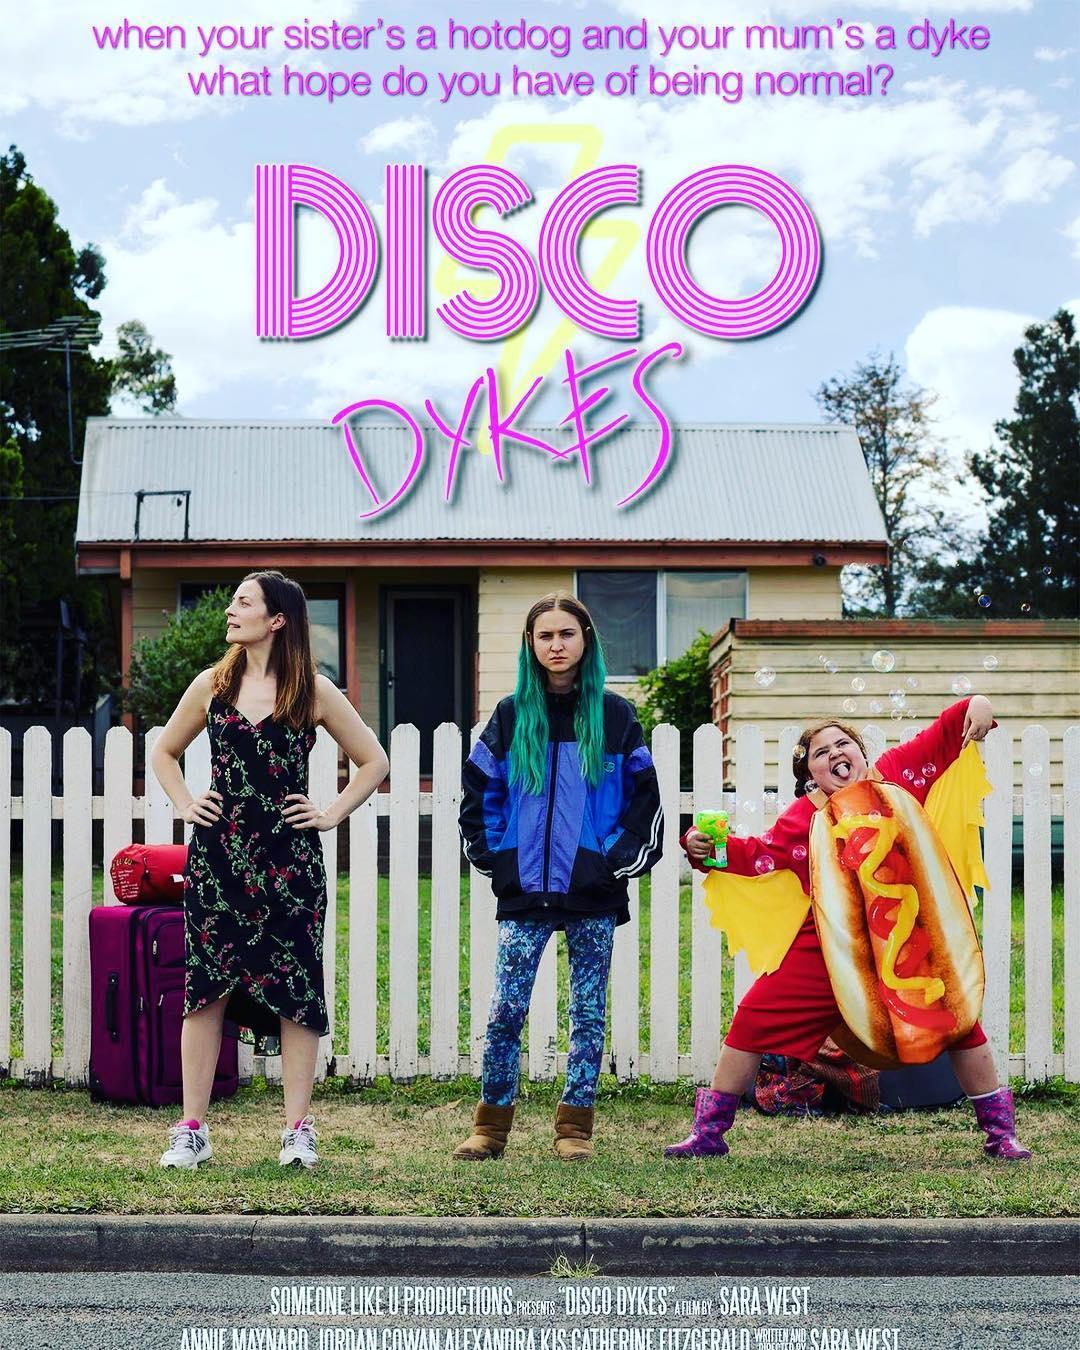 Disco Dykes